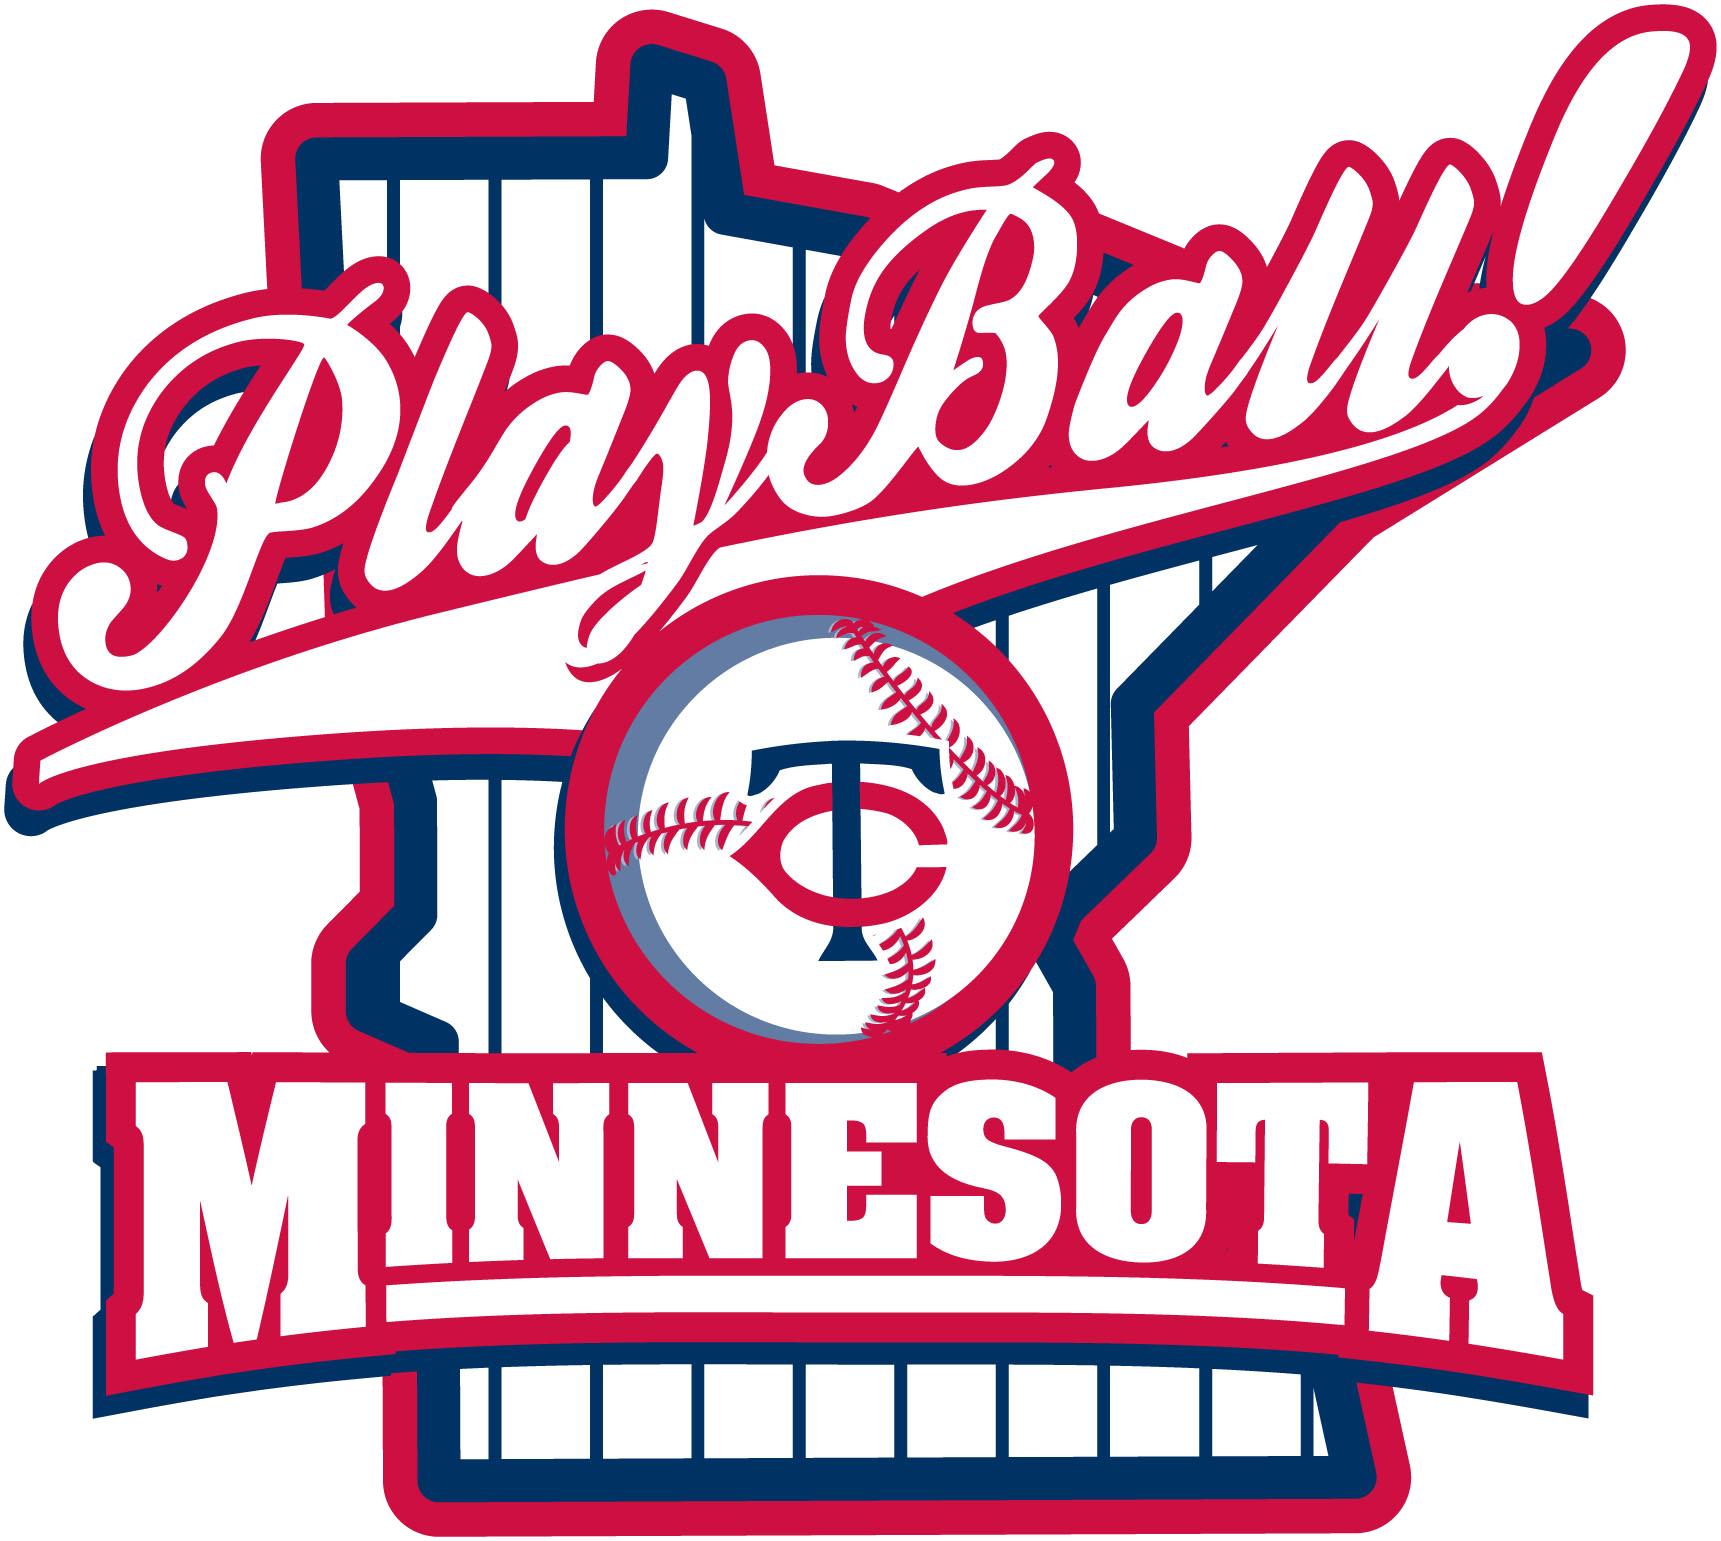 Play Ball Minnesota.